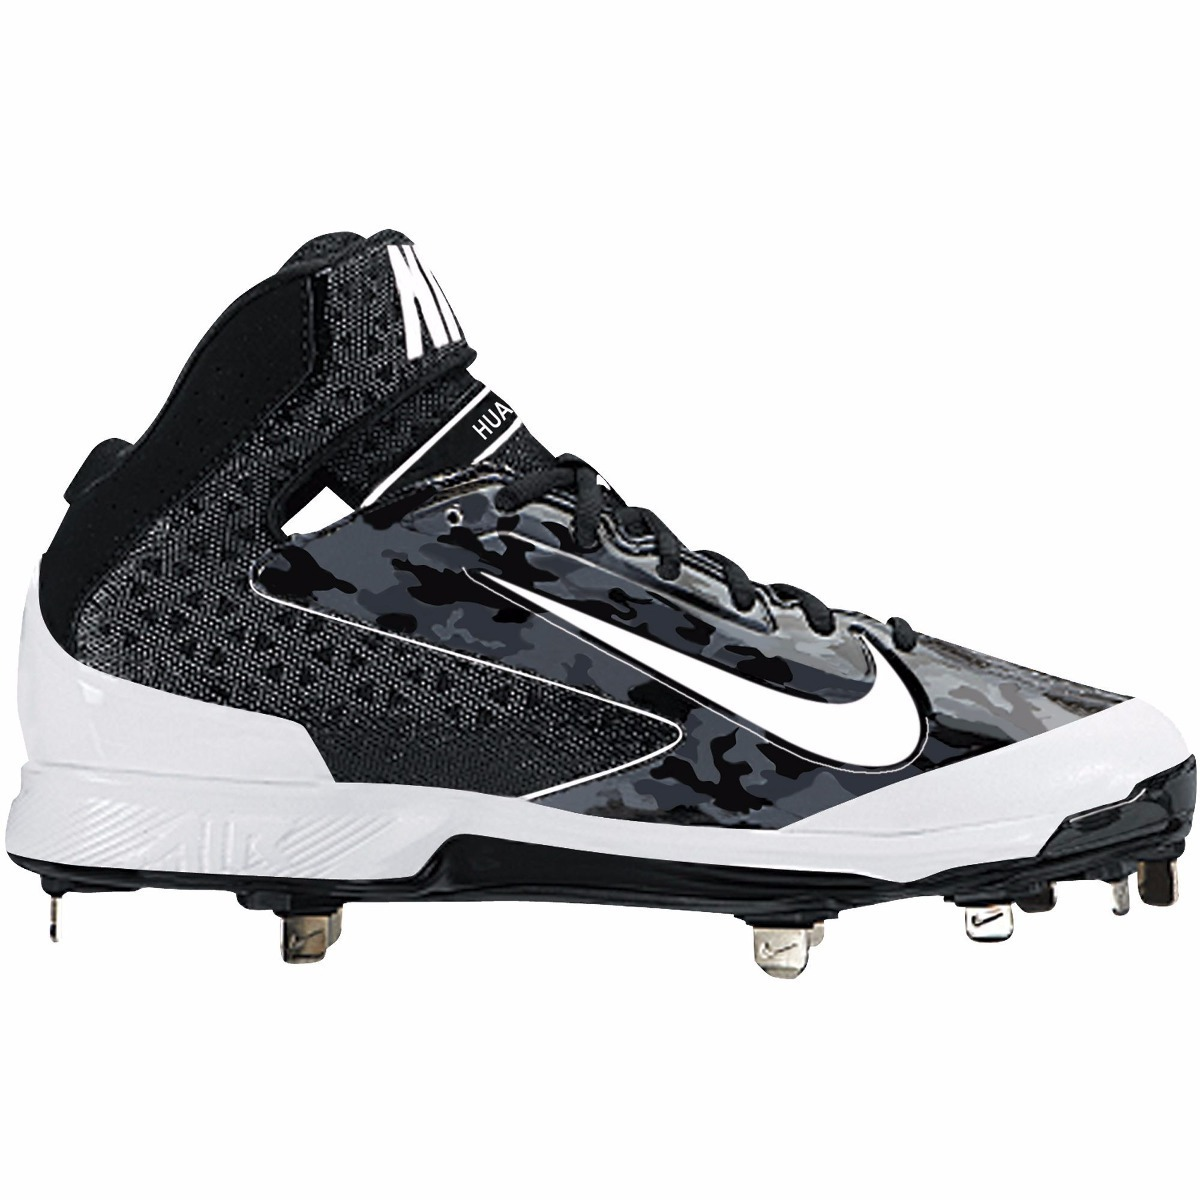 Beisbol Nike Zapatos Libre Huarache Mercado 999 00 De En SgWWBxq5